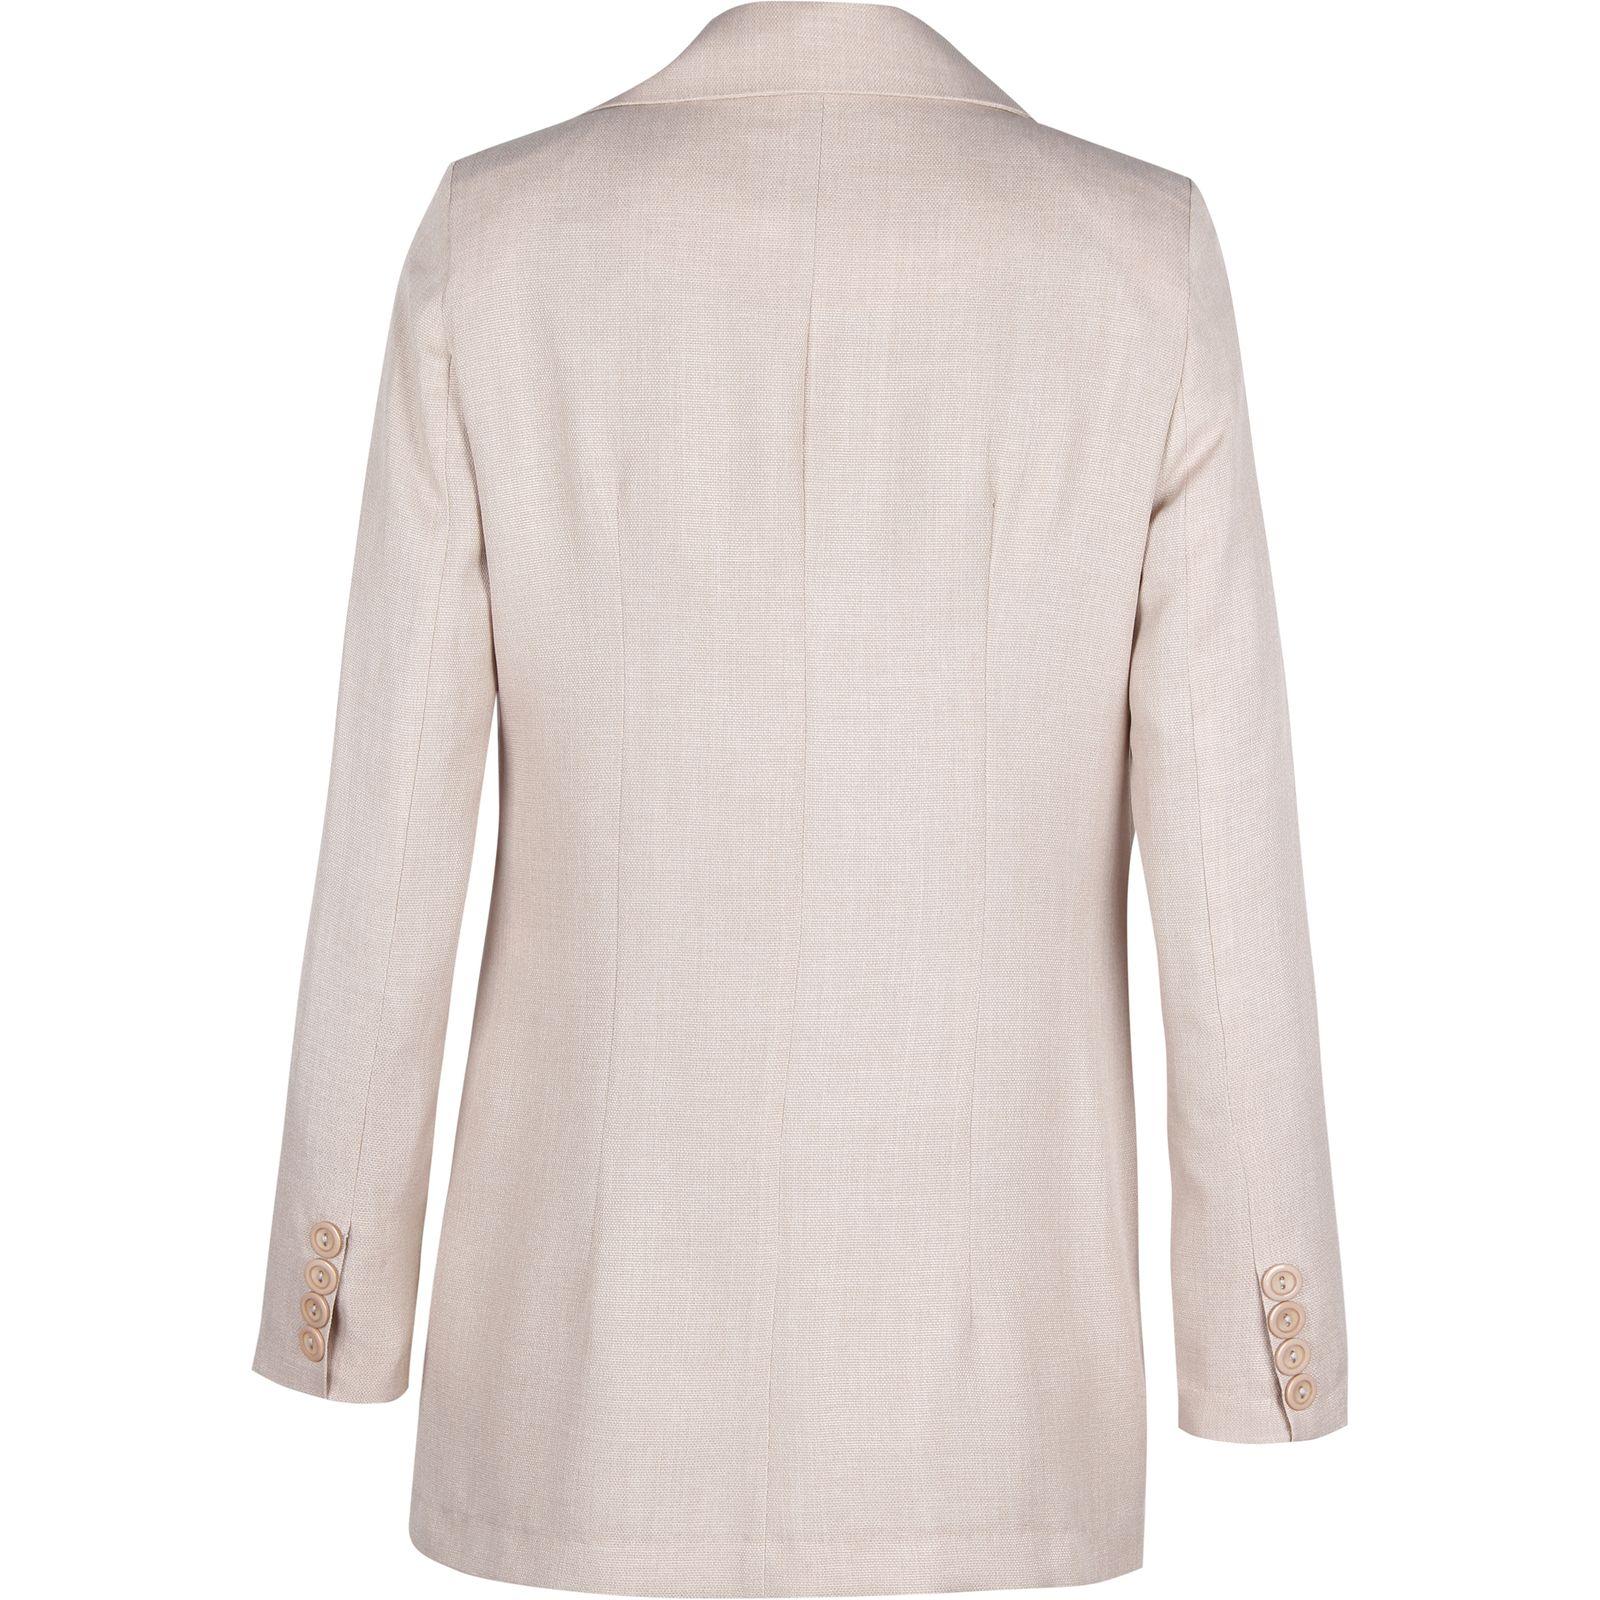 کت زنانه زیبو مدل روکسی کد 01321 -  - 2